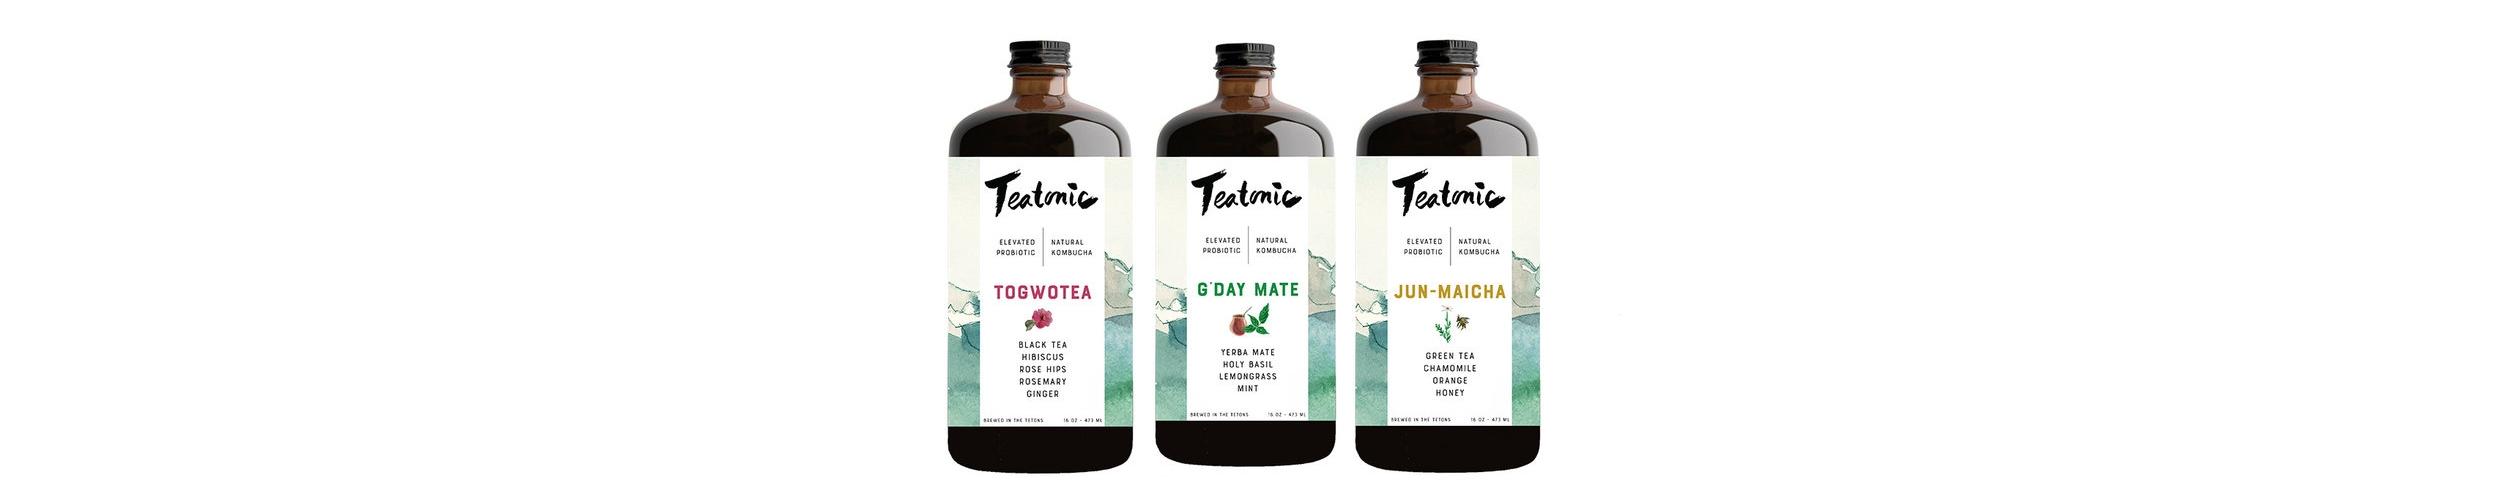 TEATONIC-bottles_3.jpg